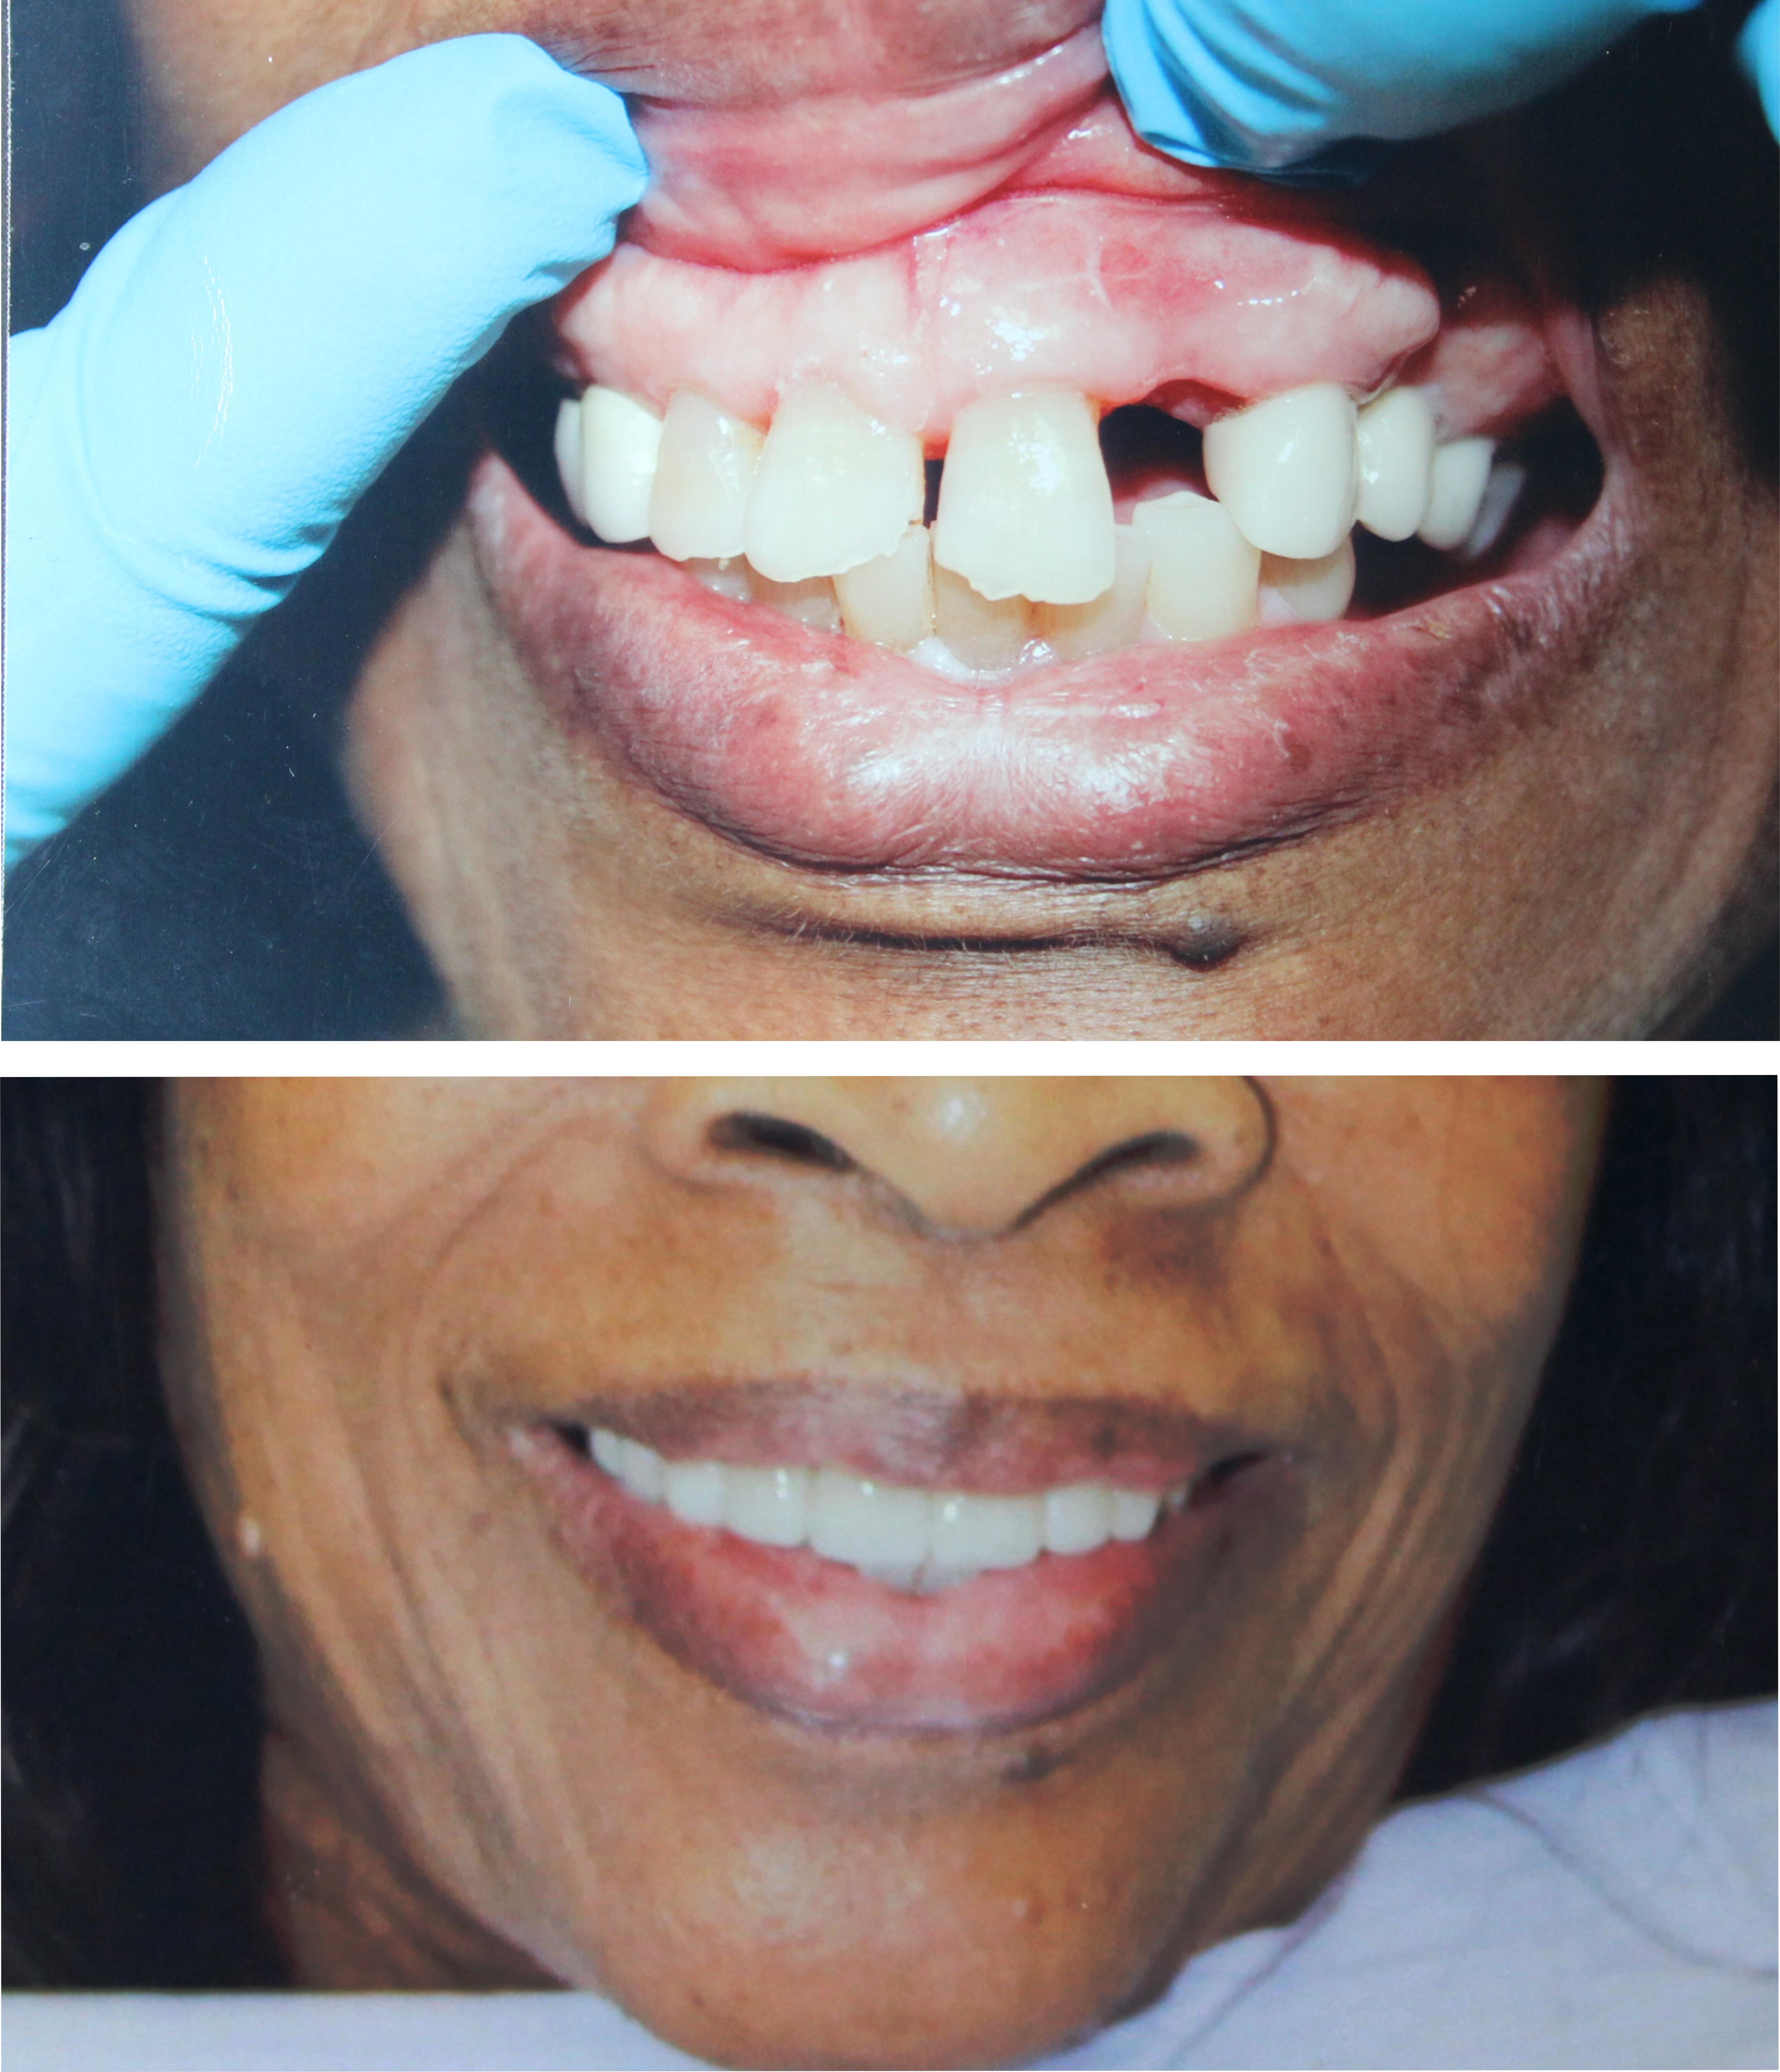 Veneers, dental implants, lumineers